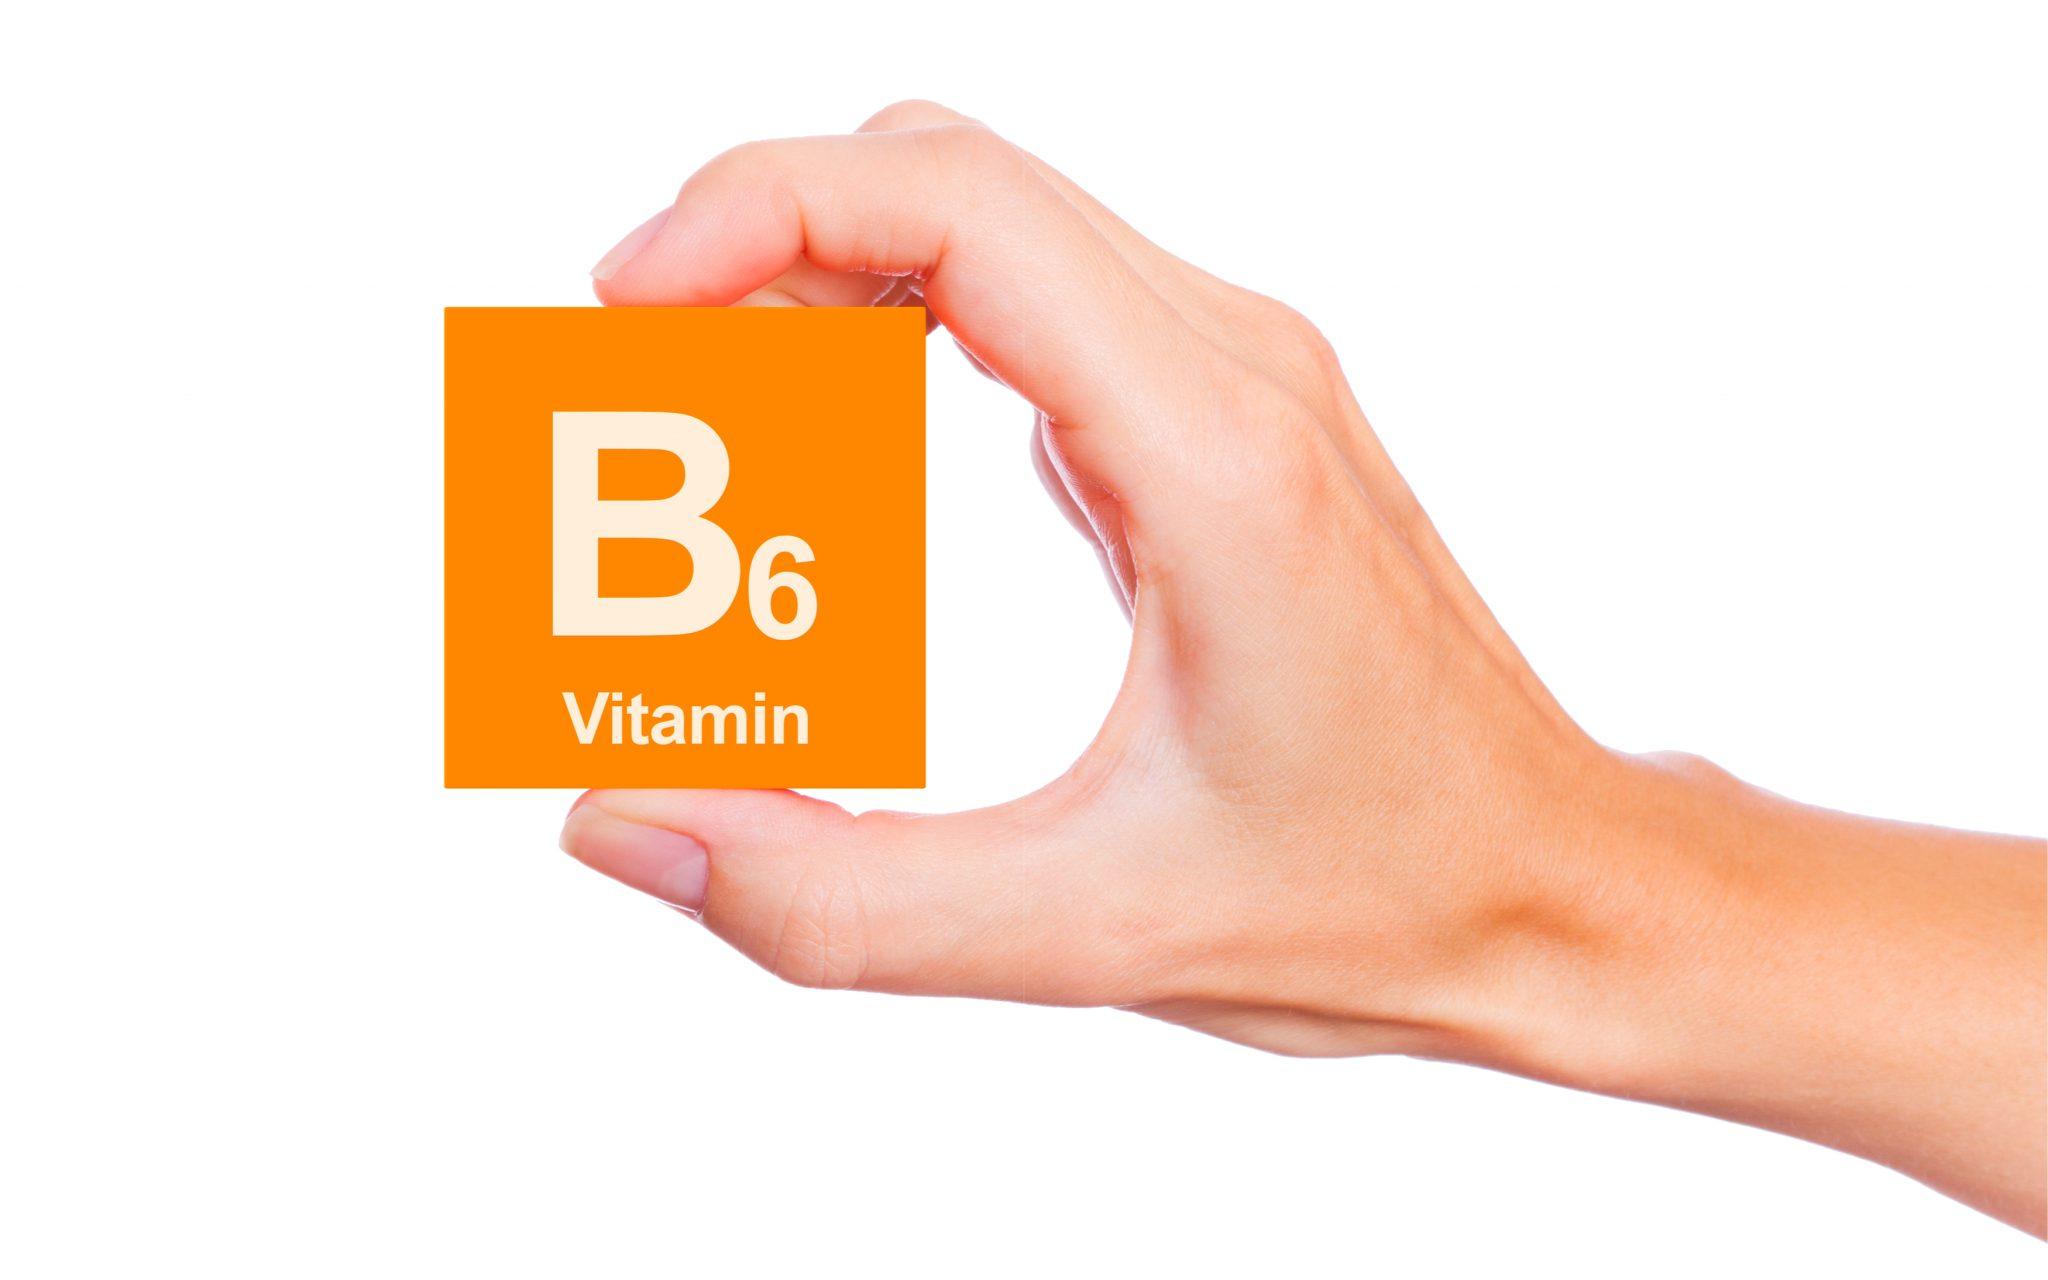 ビタミンB6のブロック